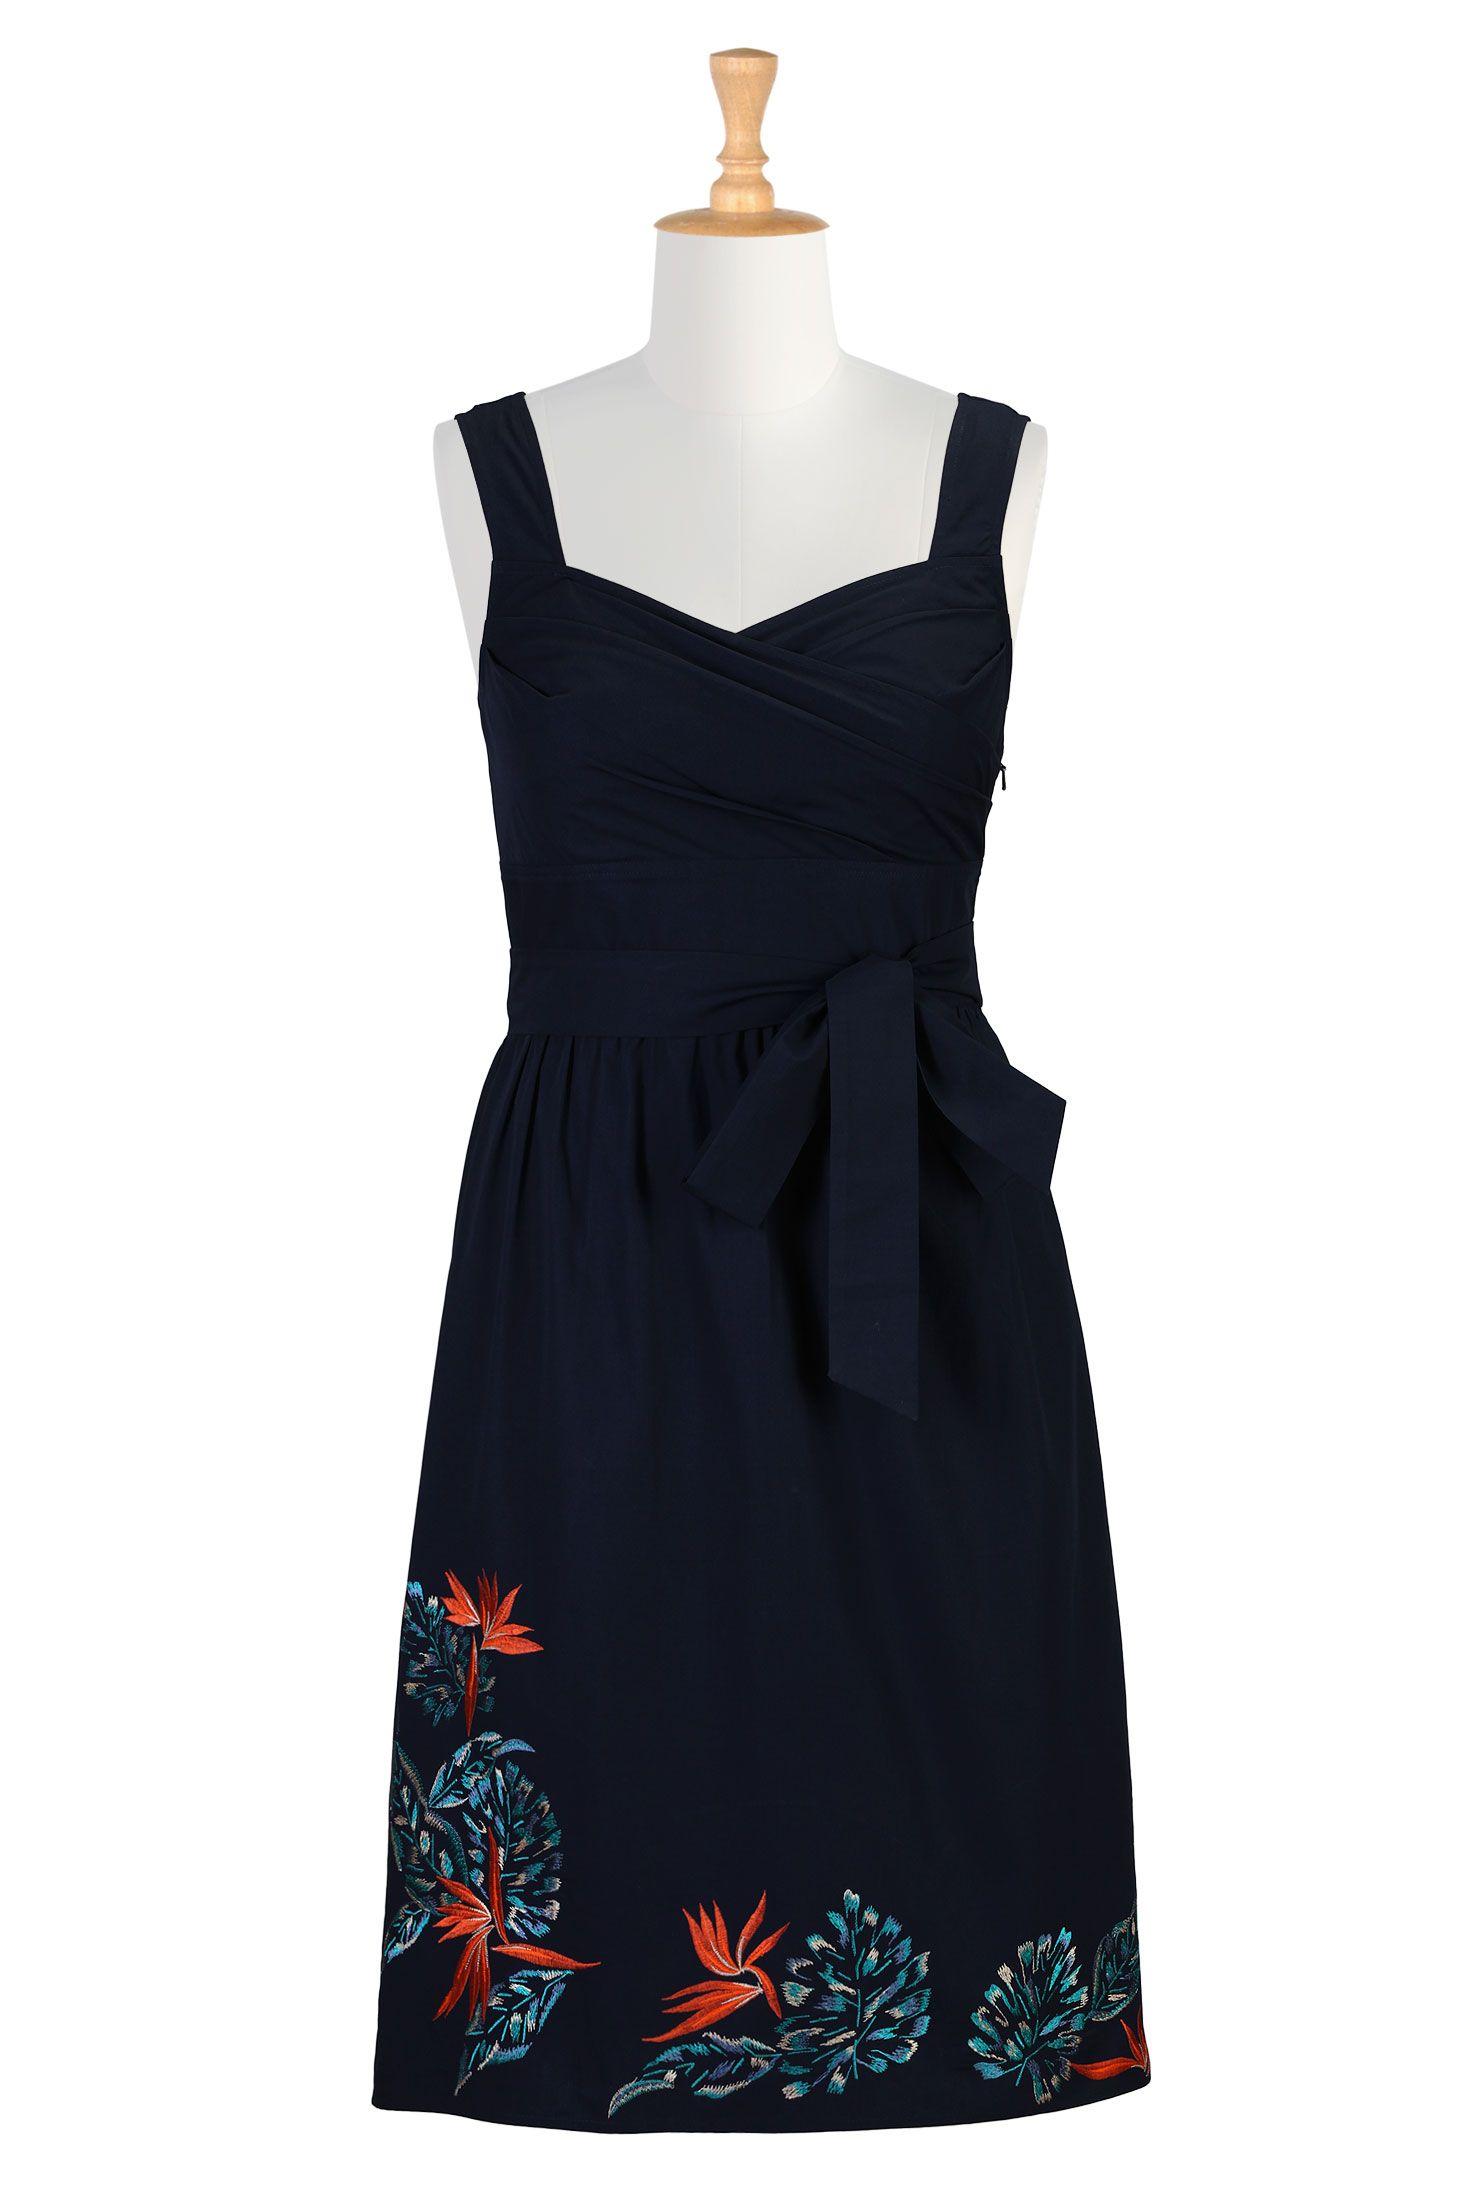 Tropical floral embellished dresses plus size fituflare dresses